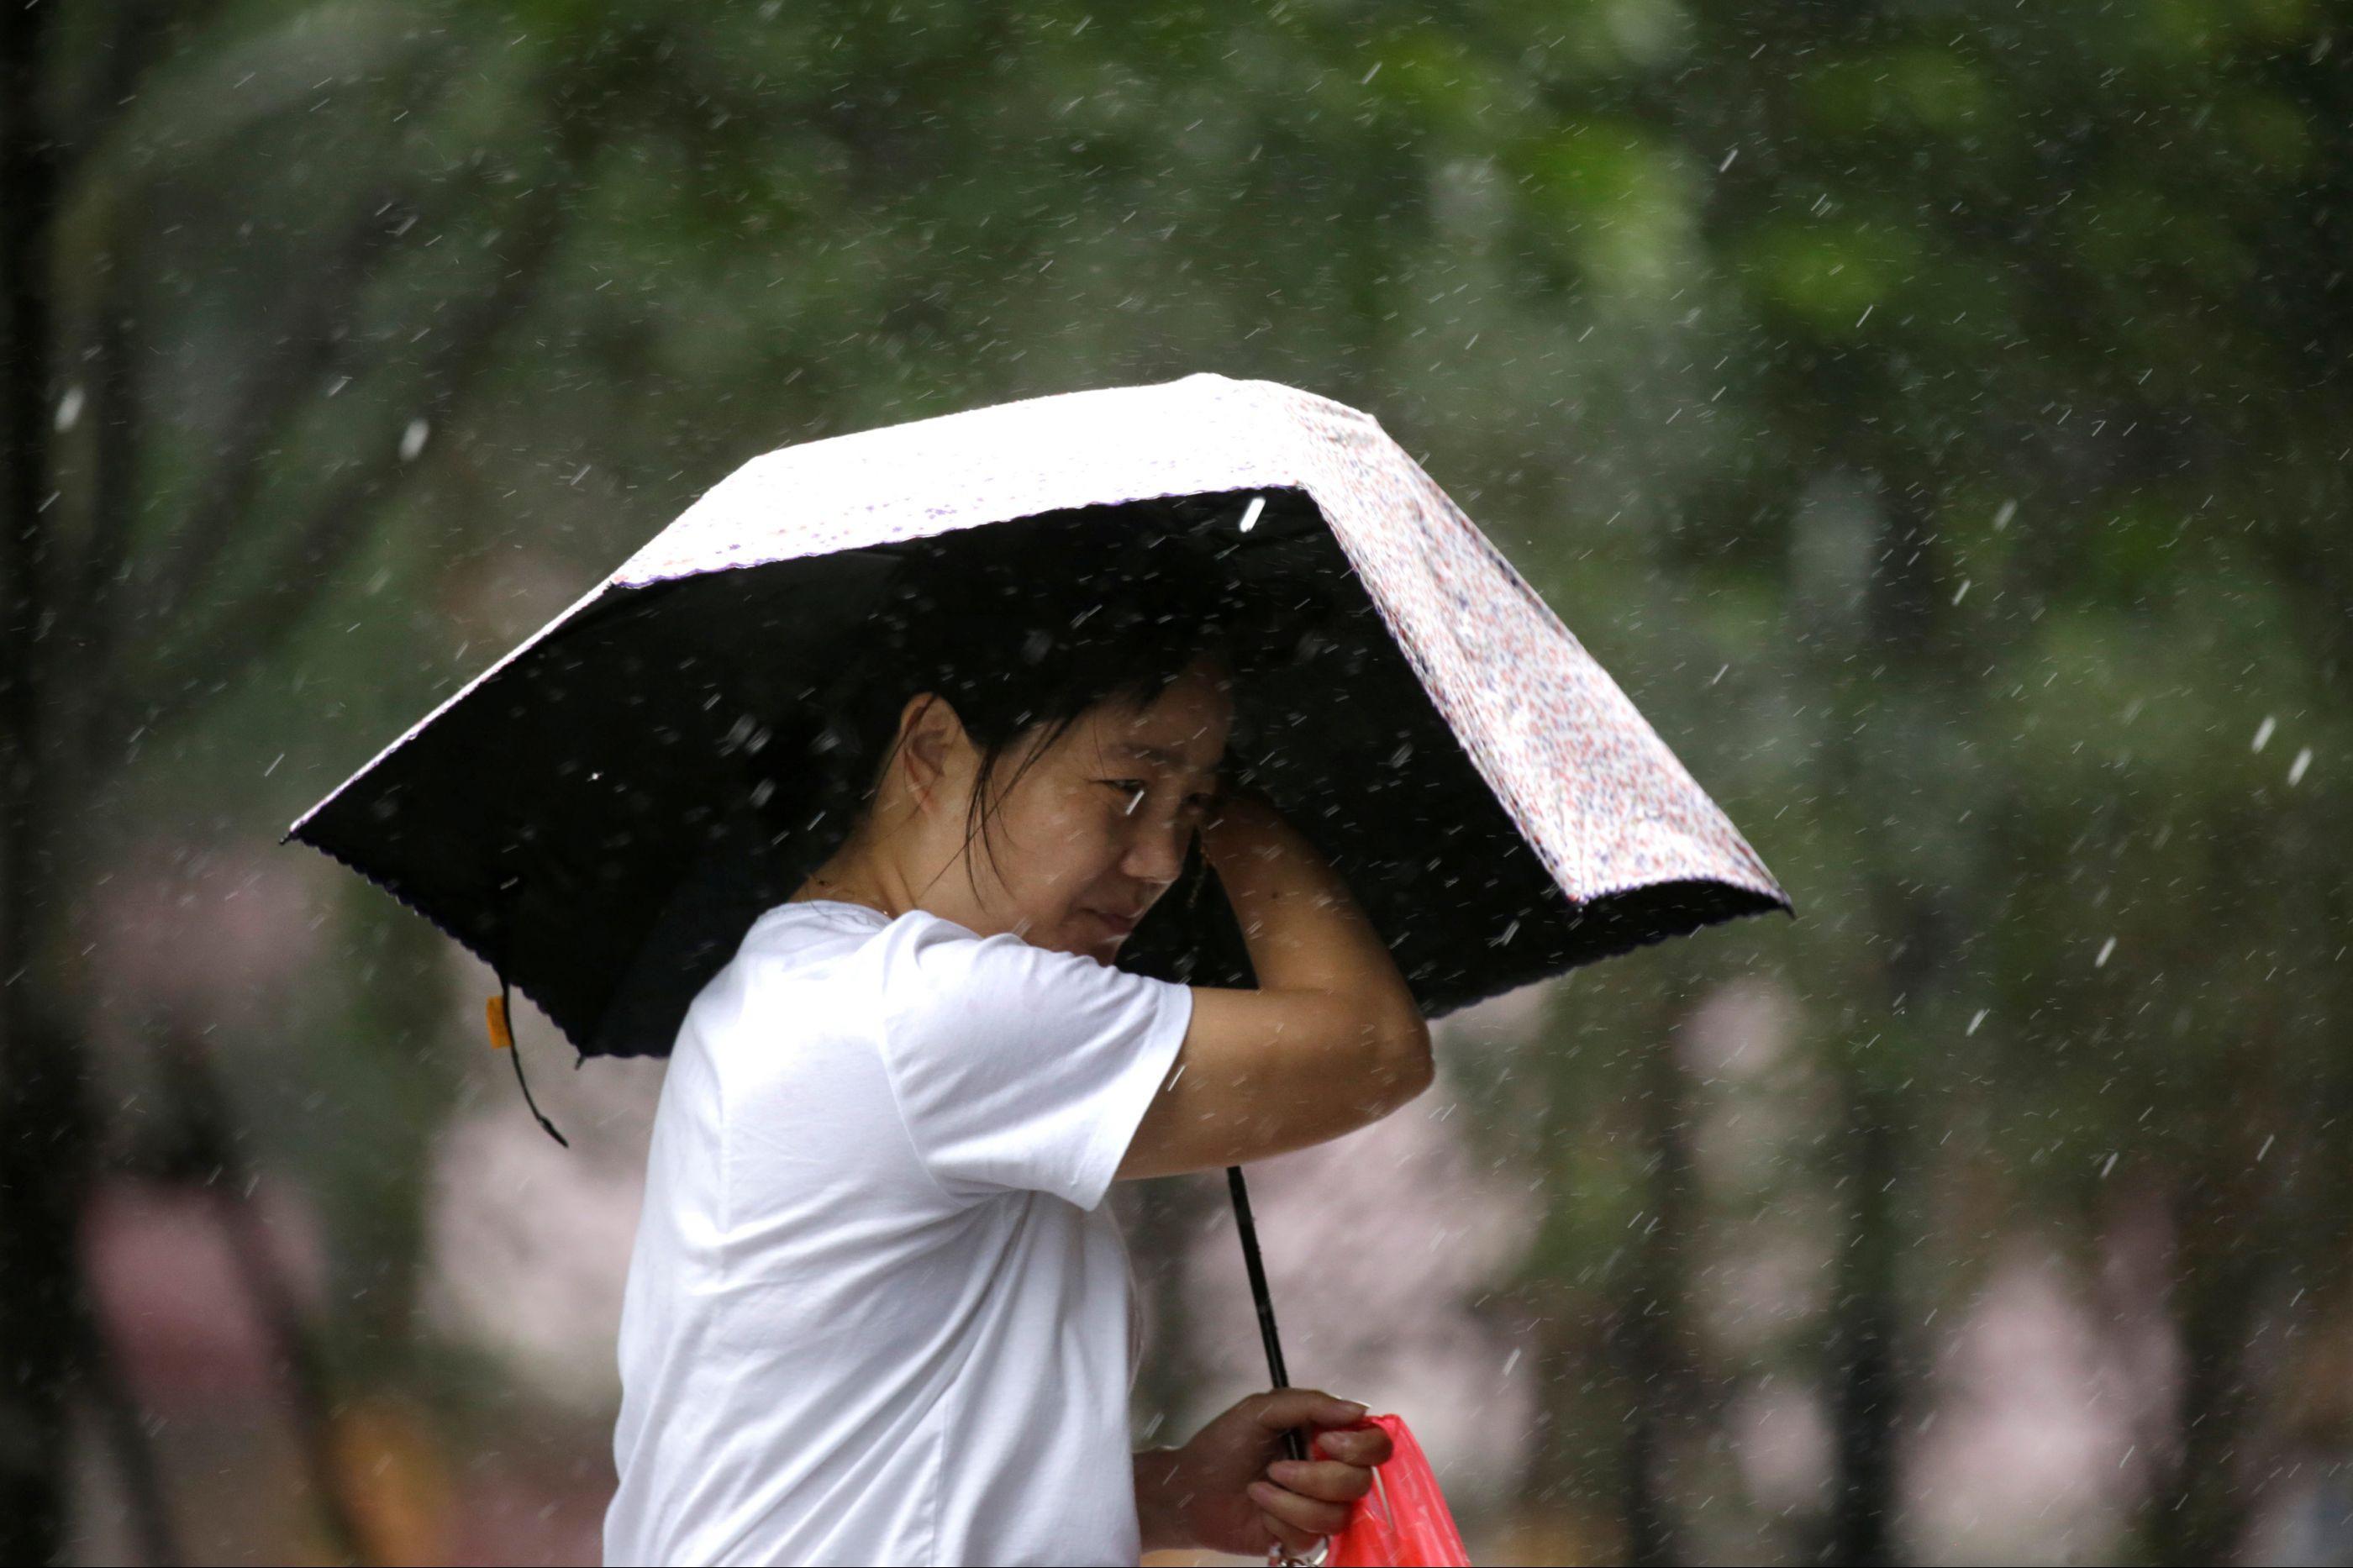 Macau estreia app para prestar apoio à população em emergências